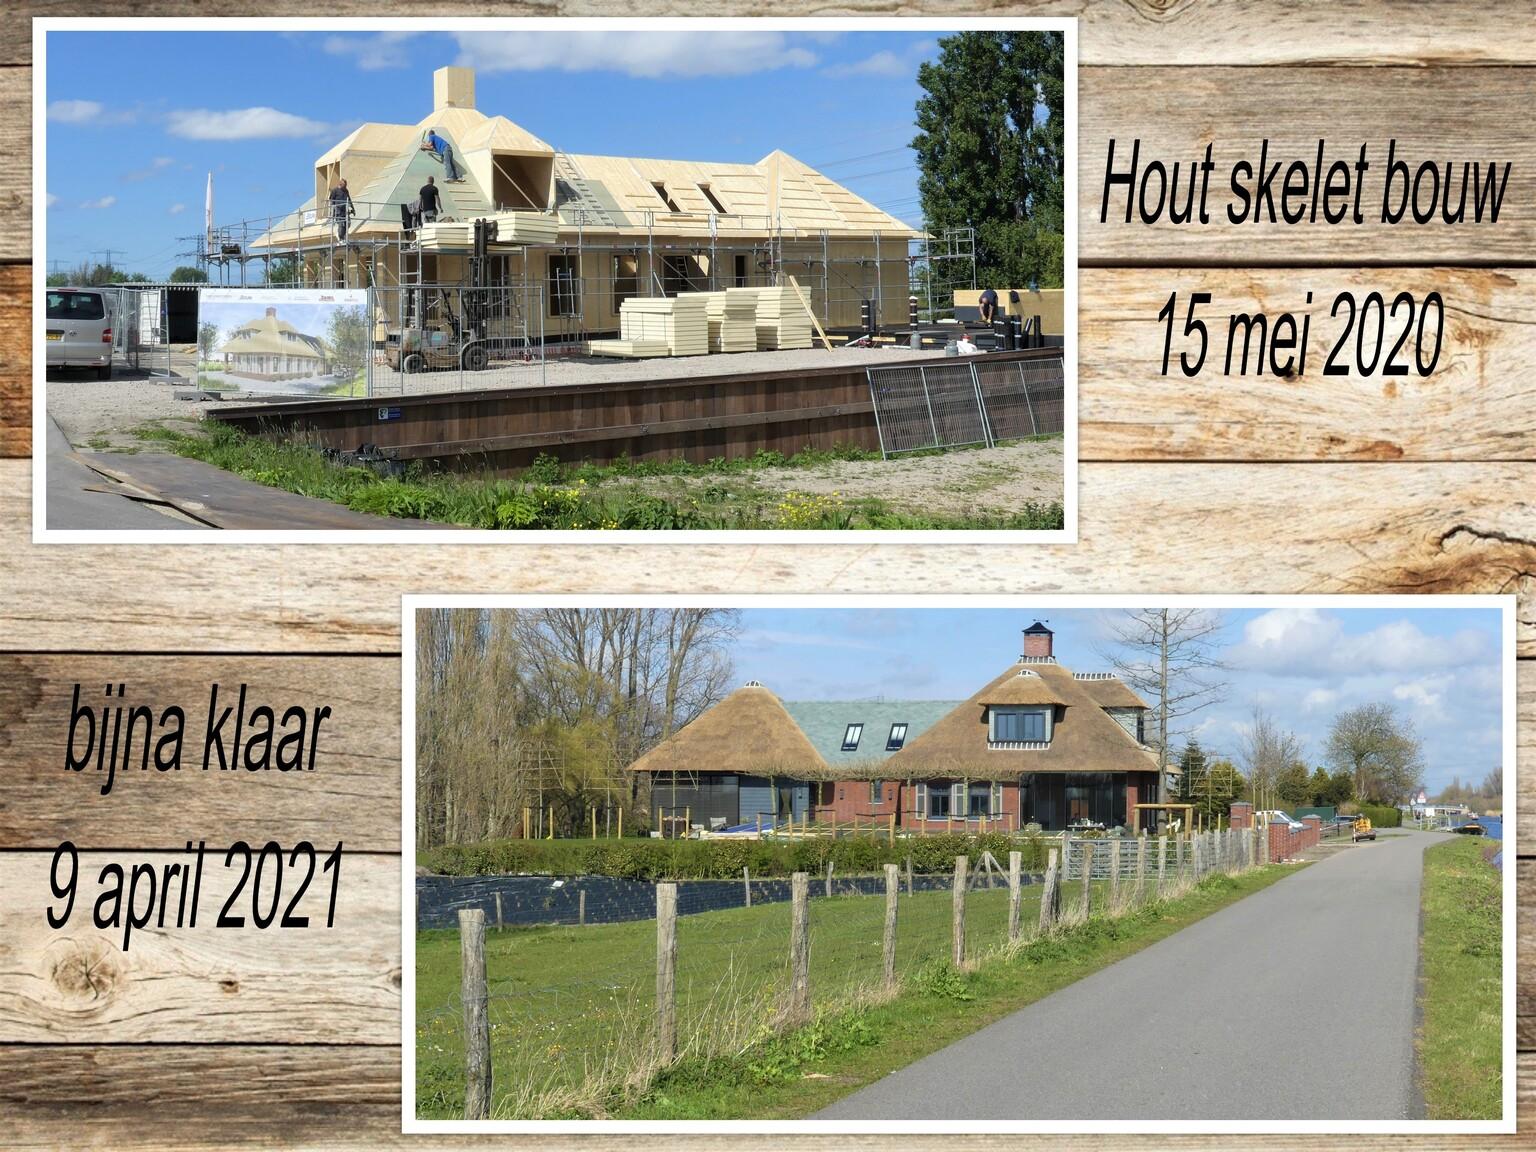 Collage  Hout Skelet bouw  langs Zwethkanaal  15 mei 2020 en 9 april 2021 - Hallo Zoomers , GROOT kijken . Een poos geleden plaatste ik al de bovenste foto waarbij goed te zien is dat het om  Hout Skelet bouw gaat . Ik had be - foto door jmdries op 15-04-2021 - locatie: Wateringen  Zweth kanaal  Noord   - deze foto bevat: hout skeletbouw, fabriek, lucht, eigendom, gebouw, natuurlijk landschap, land veel, boom, landschap, landelijk gebied, muur